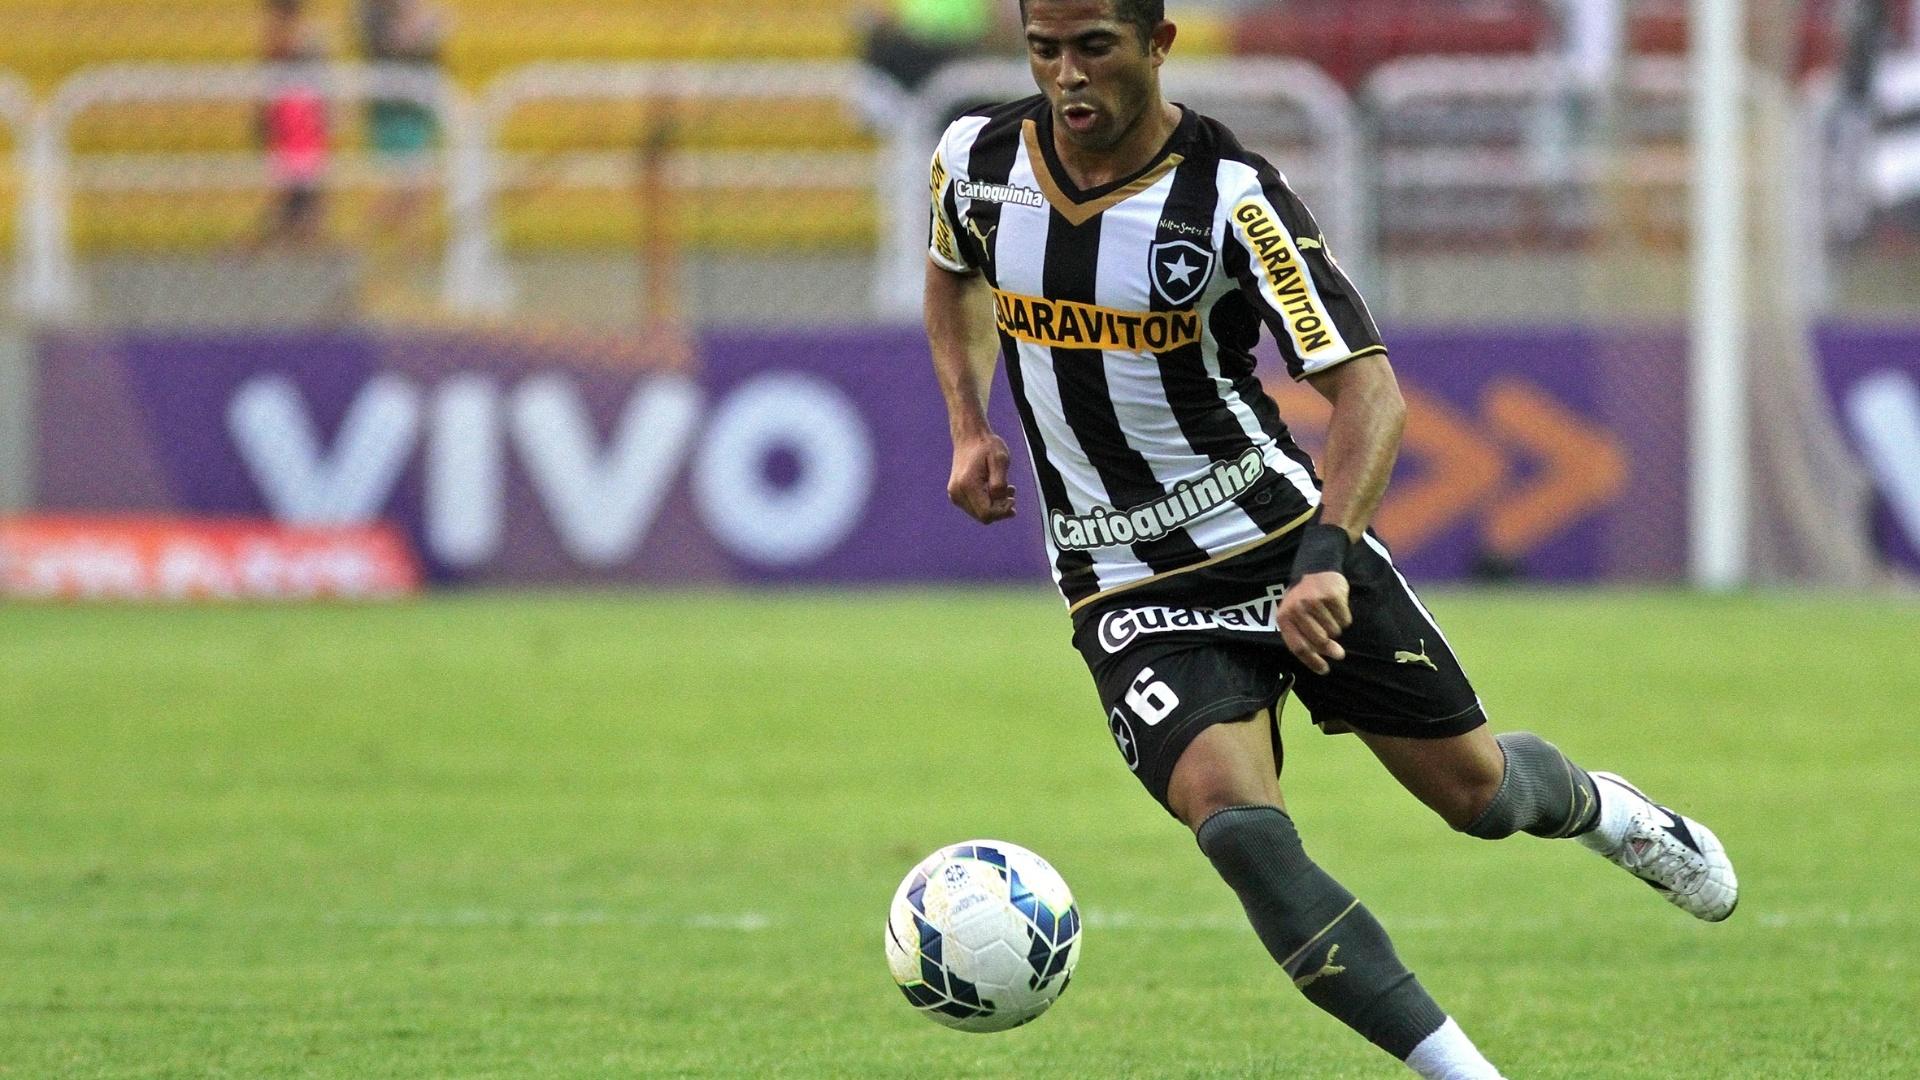 Júnior César conduz a bola em jogada do Botafogo